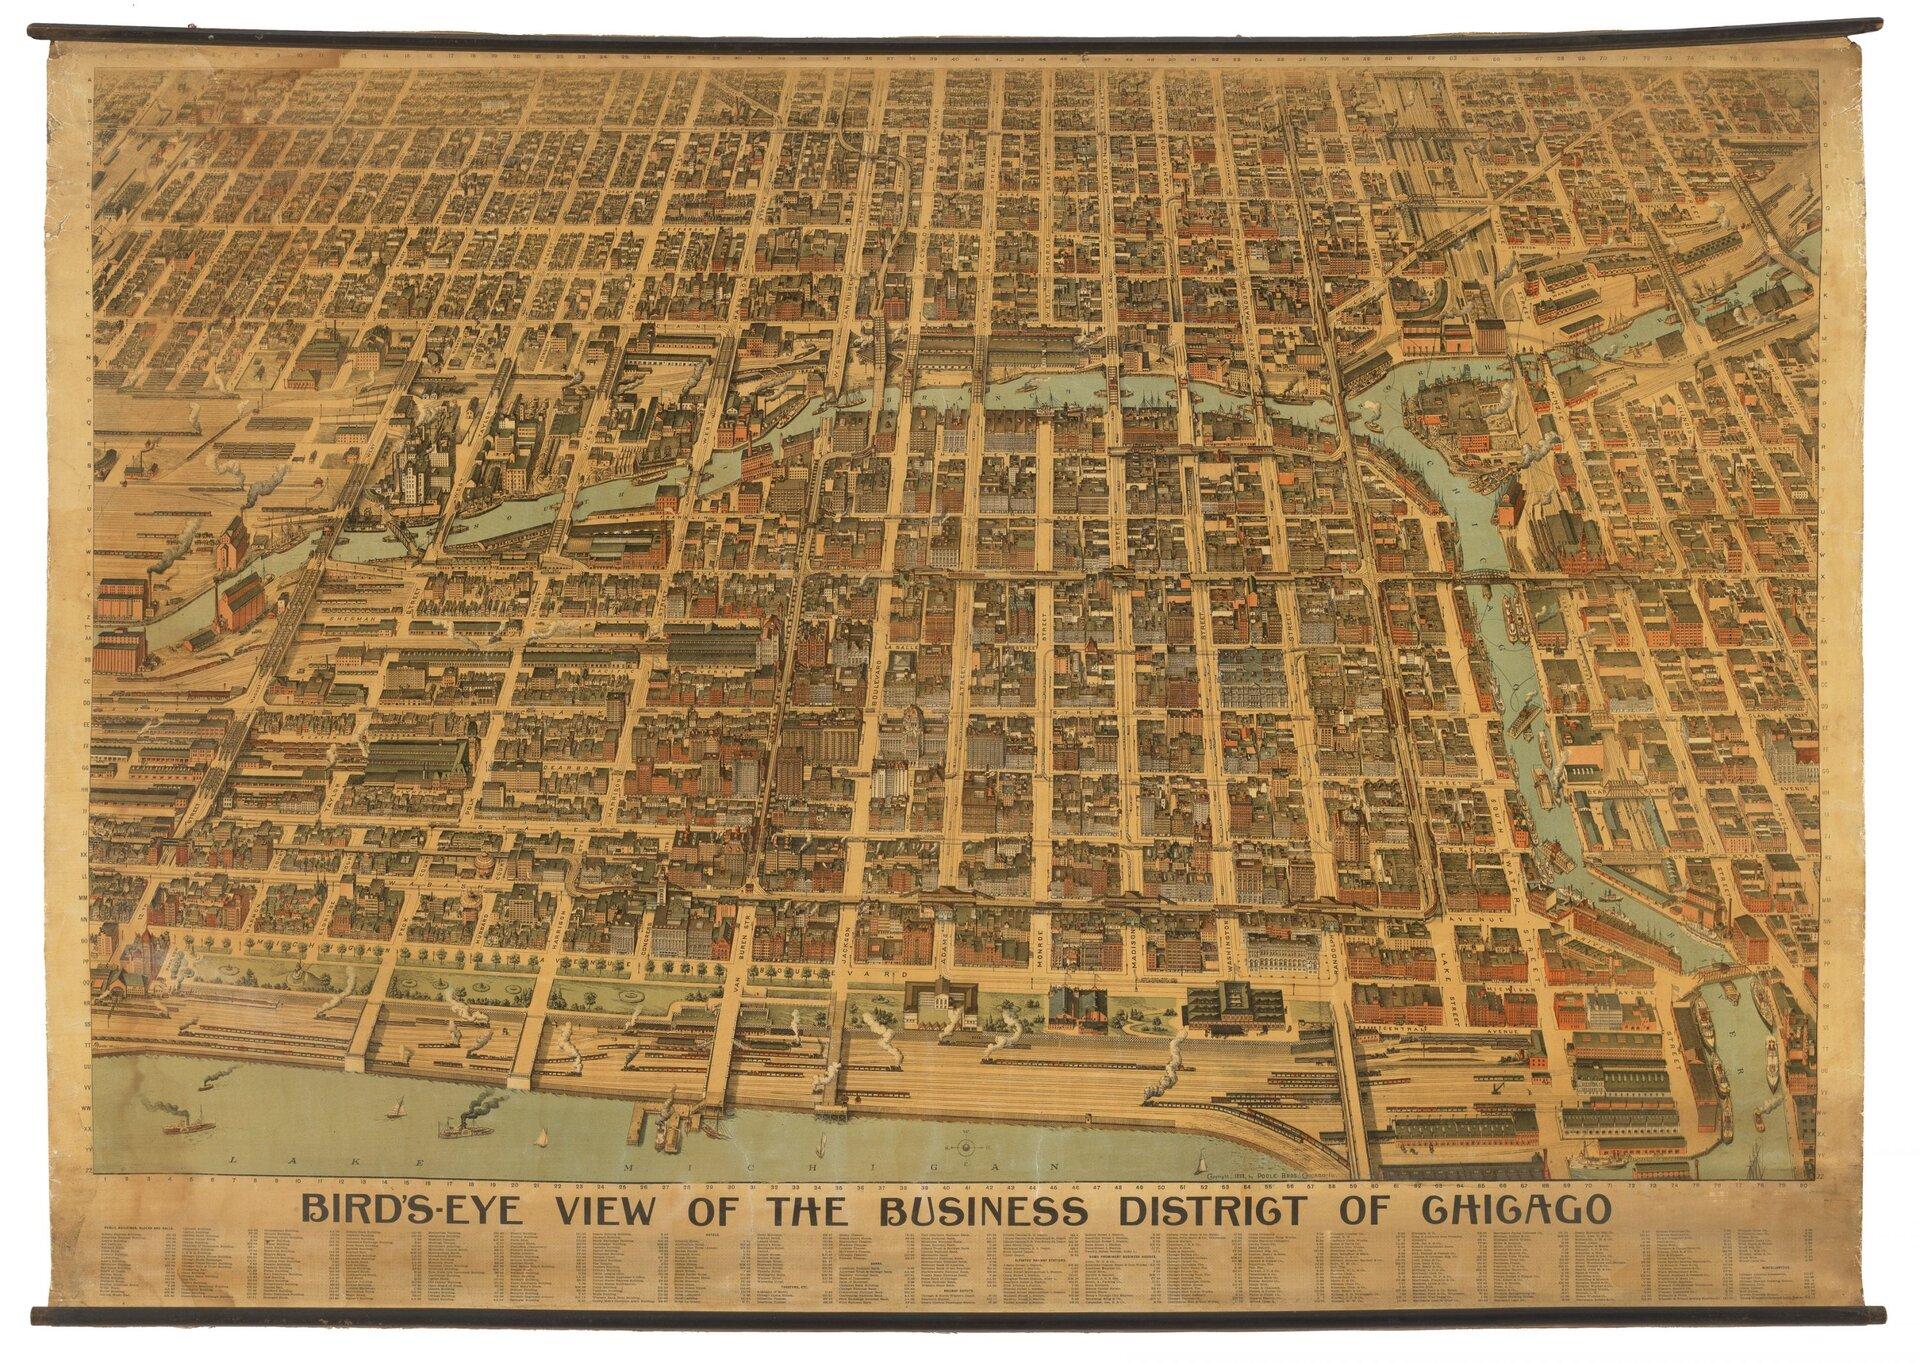 Ilustracja przedstawia widok na miasto Chicago zlotu ptaka. Na zdjęciu widoczny jest układ ulic ifragment rzeki. Ulice przecinają się między sobą pod kątem prostym tworząc szachownicę. Jest to mapa z1898.